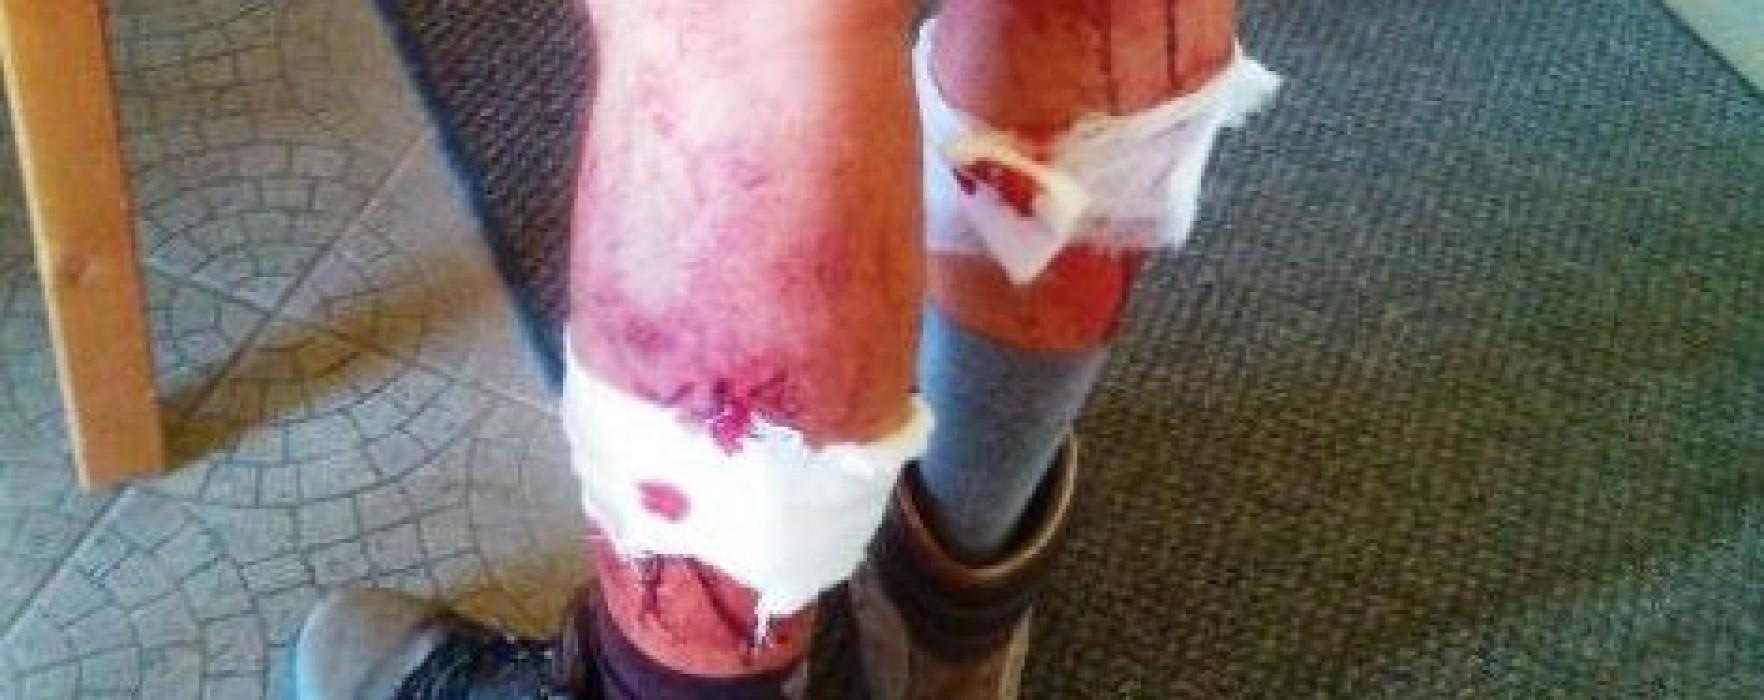 Dâmboviţa: Turist atacat de câini, pe munte, a cerut ajutor la 112